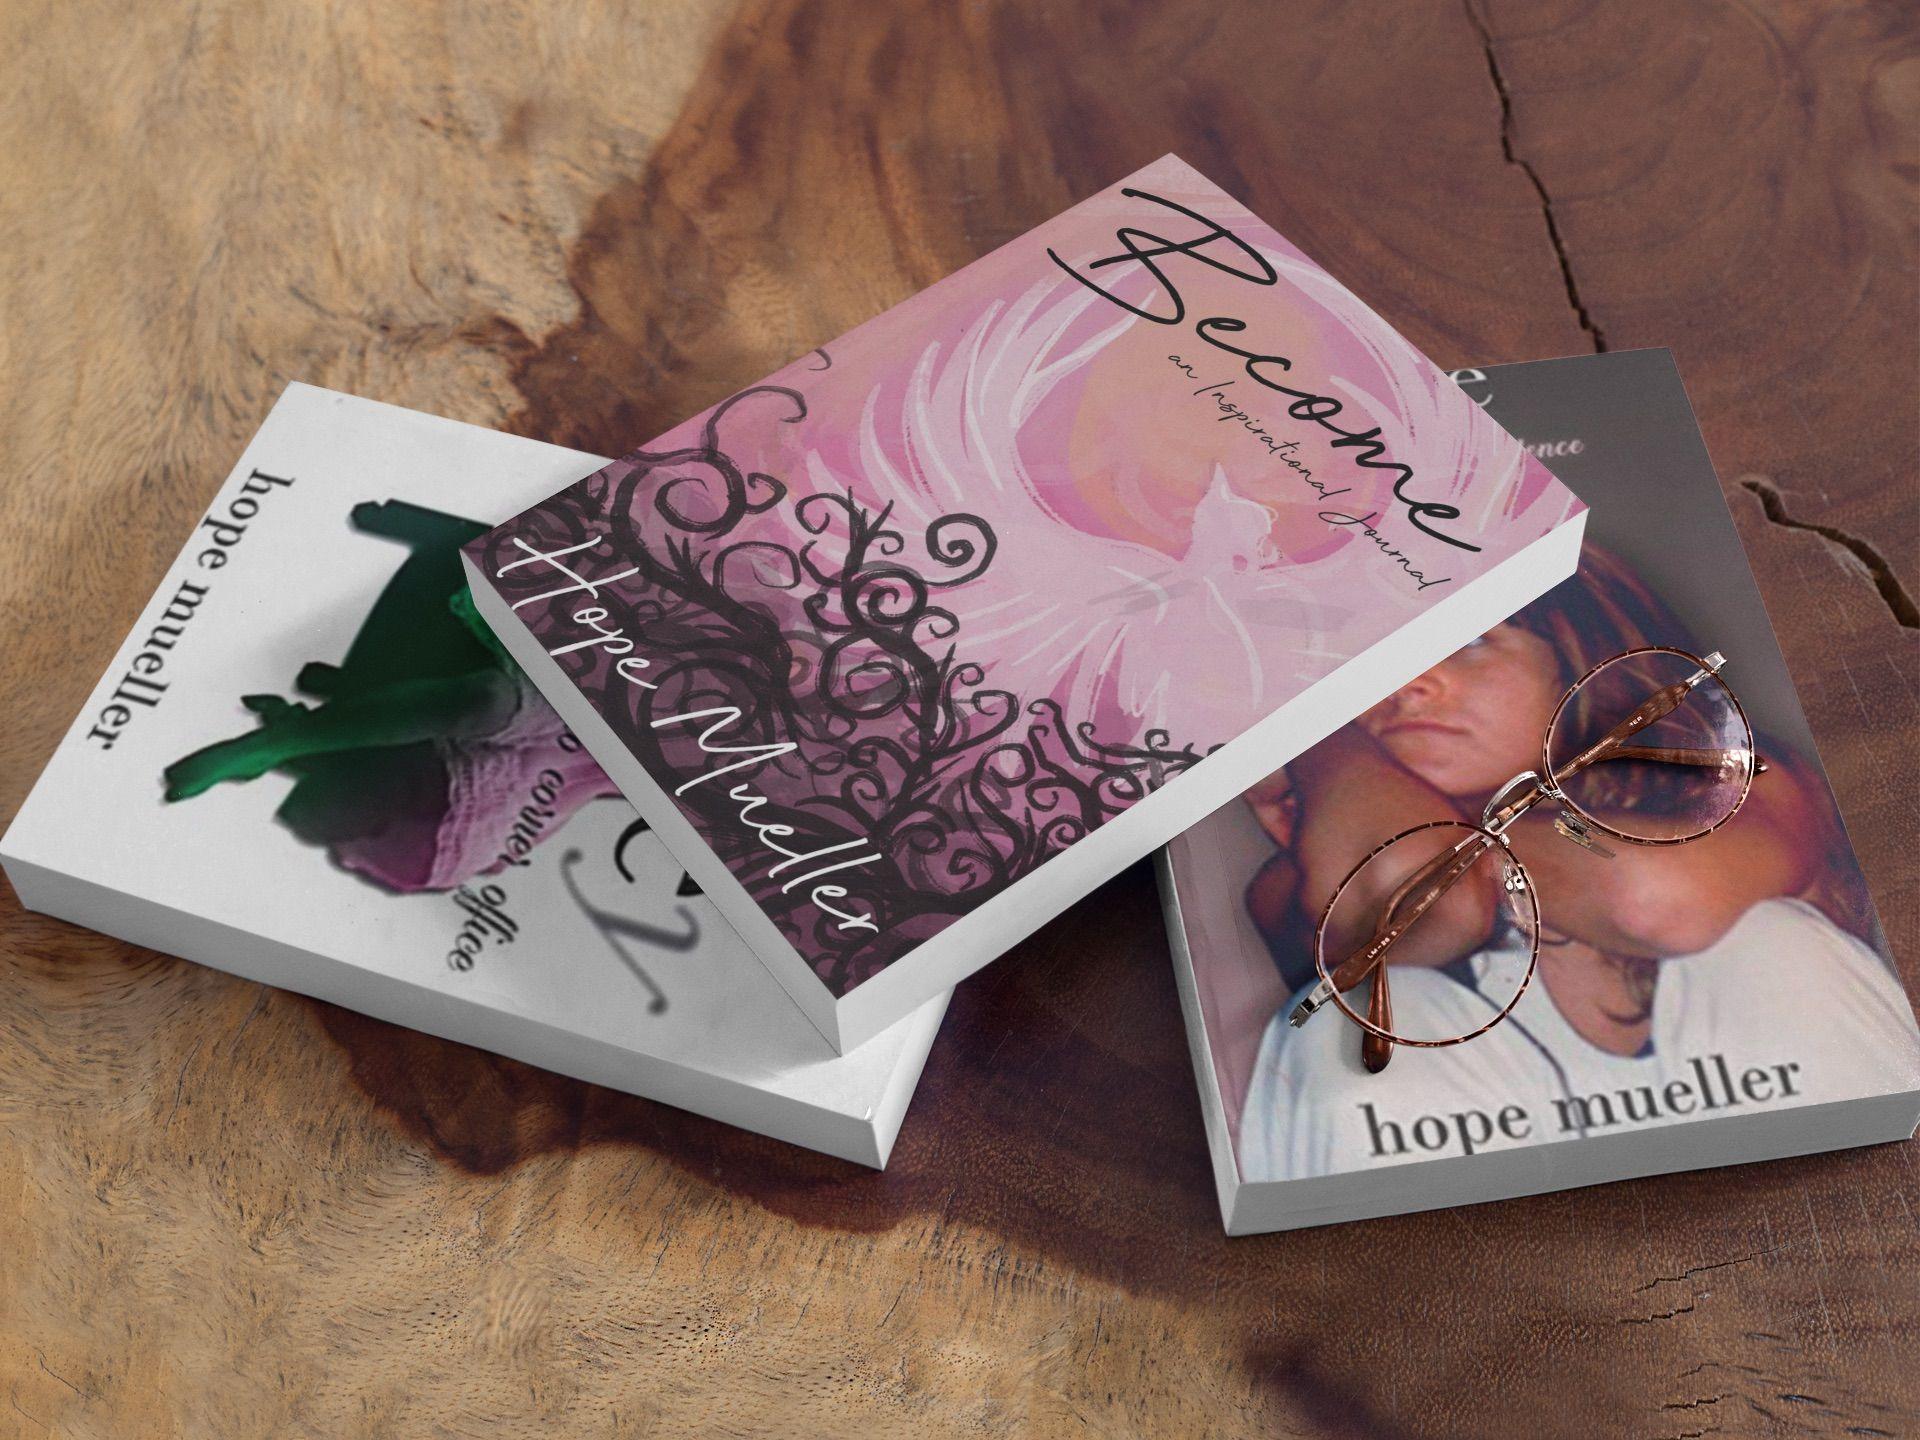 hopey 3 book image copy.jpg